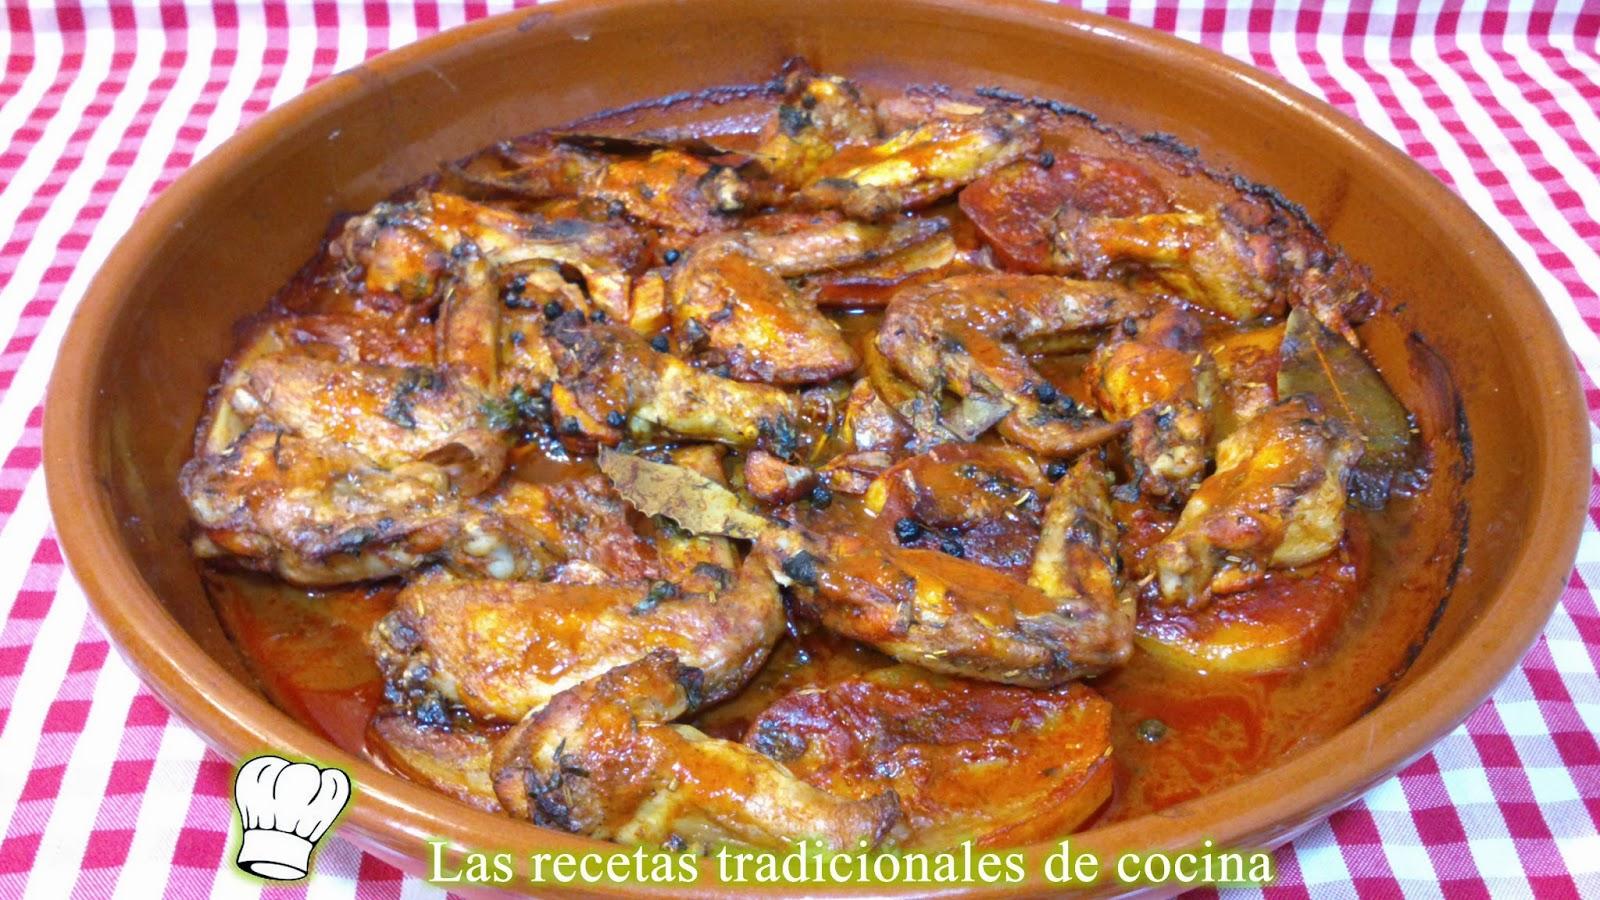 Alitas de pollo adobadas al horno receta f cil recetas de cocina con sabor tradicional - Adobo de alitas de pollo ...